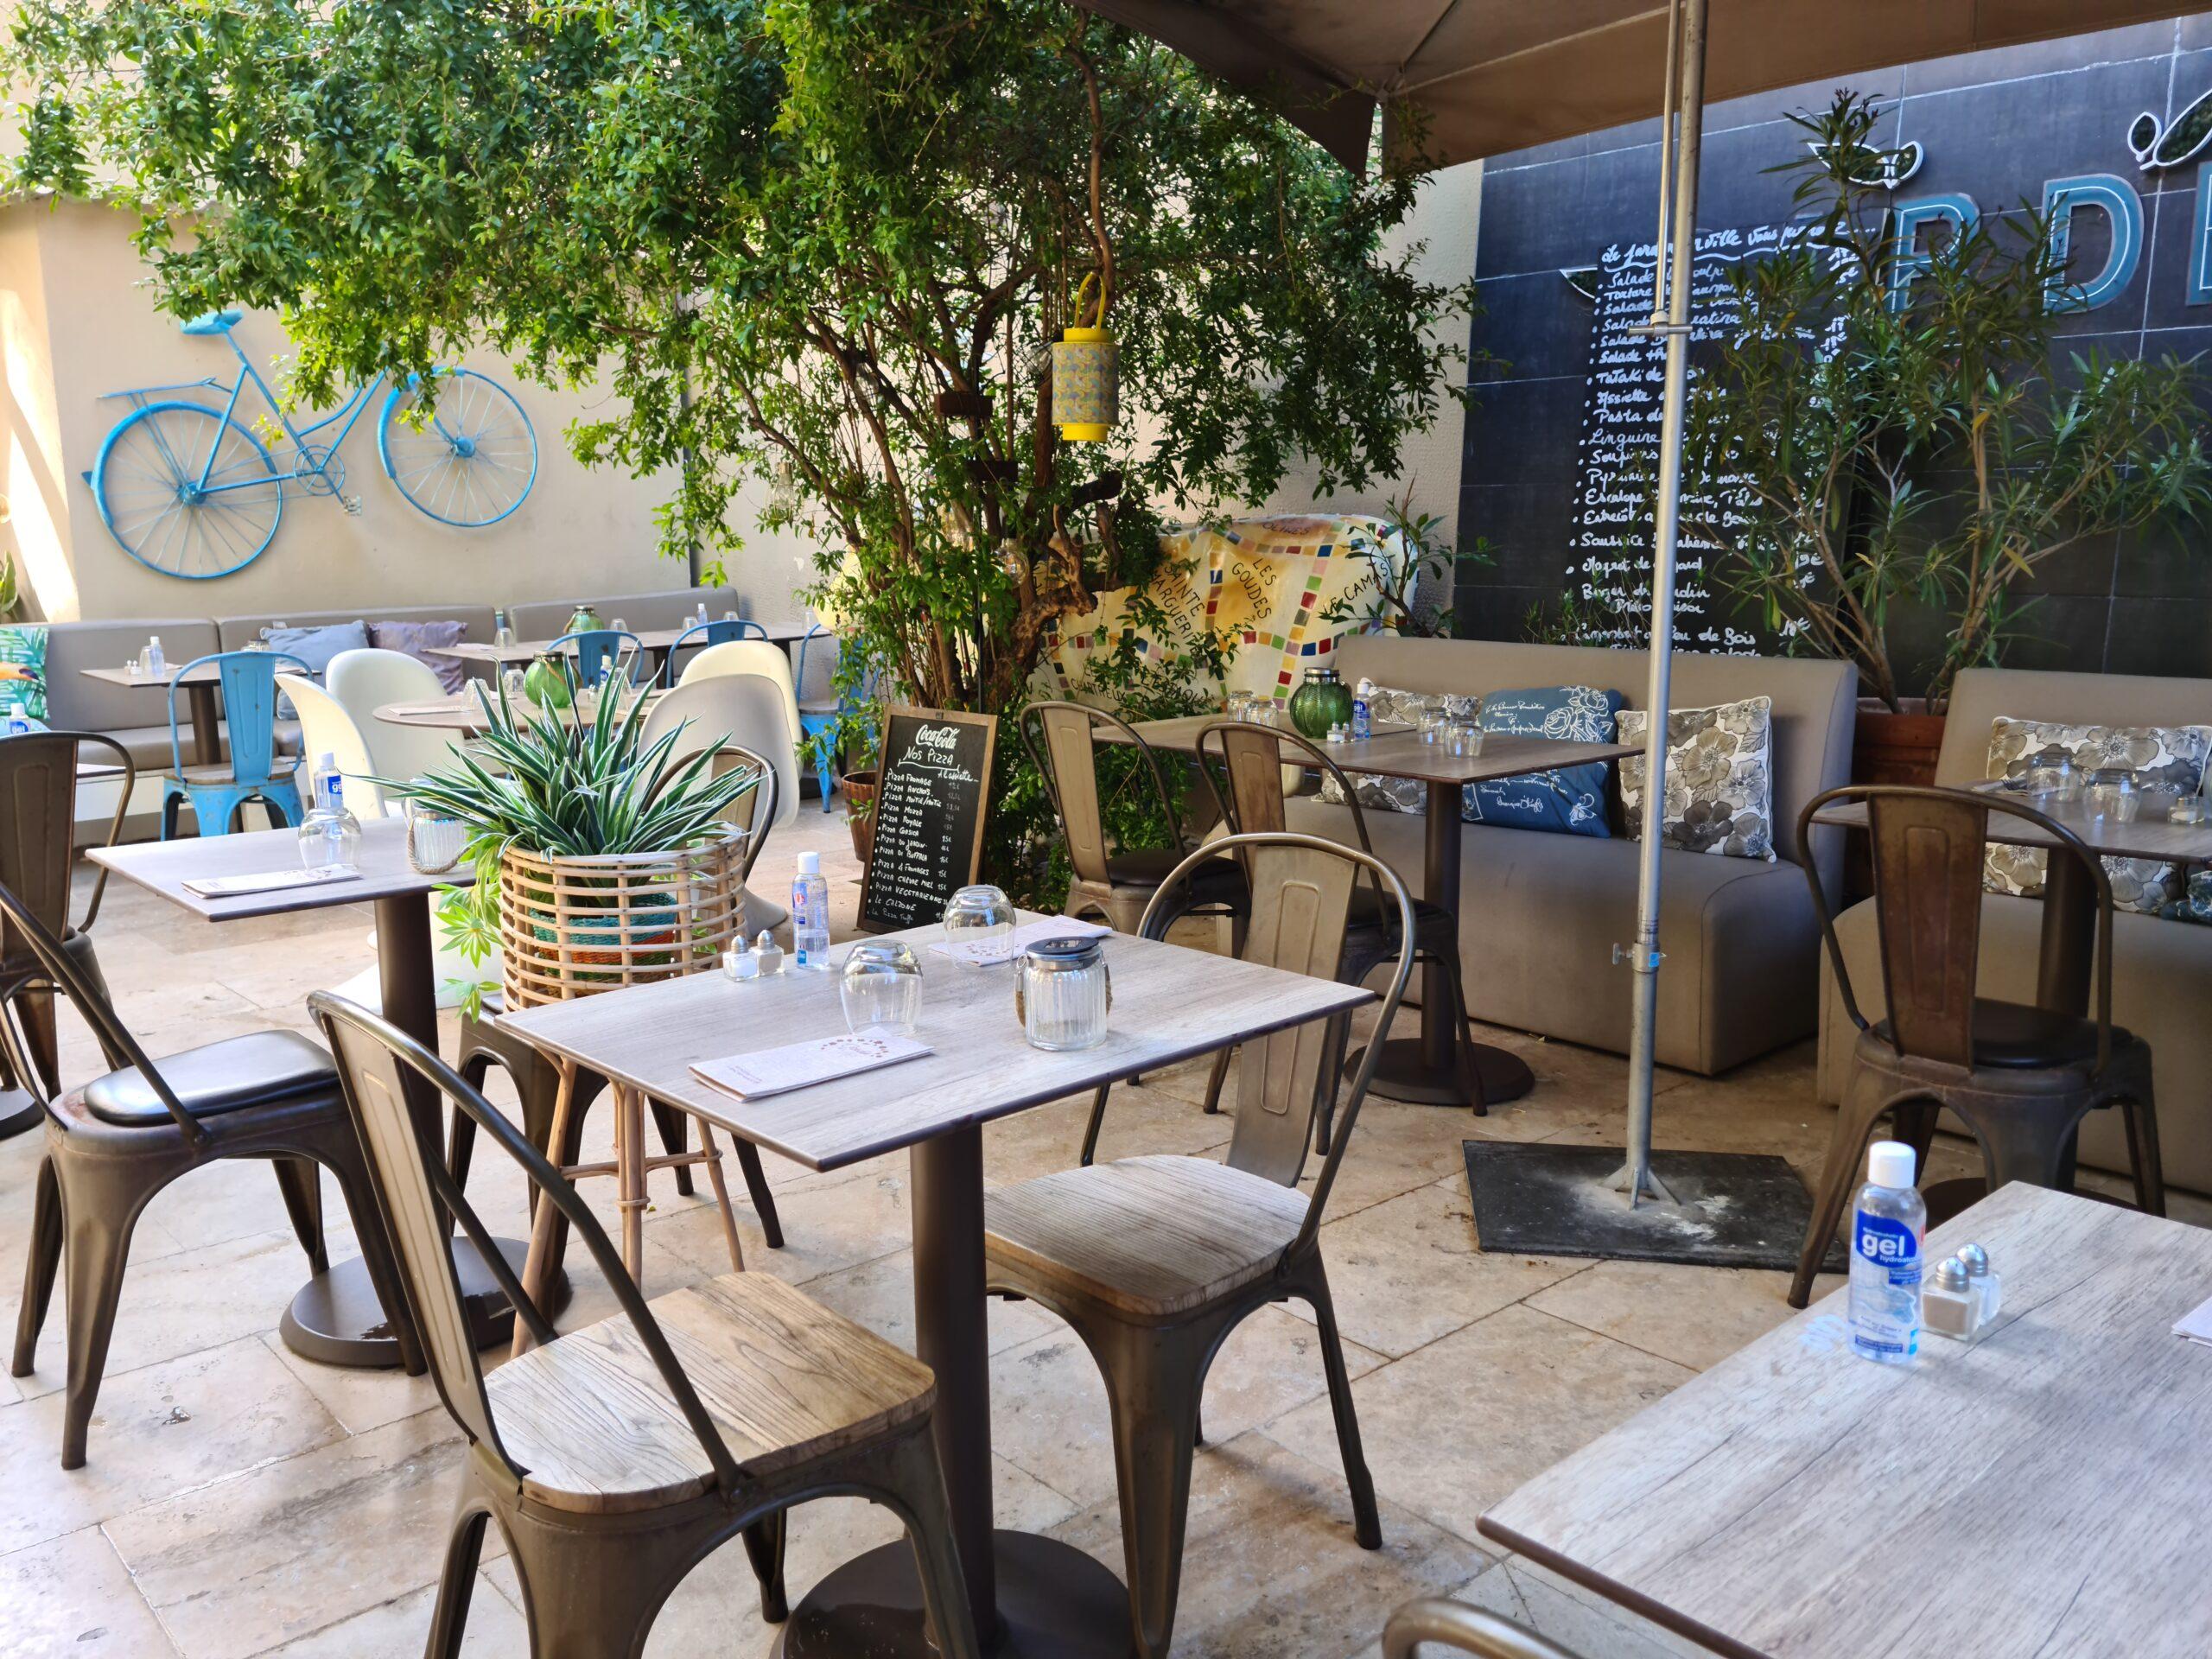 vue de la terrasse du restaurant marseillais Un jardin en ville